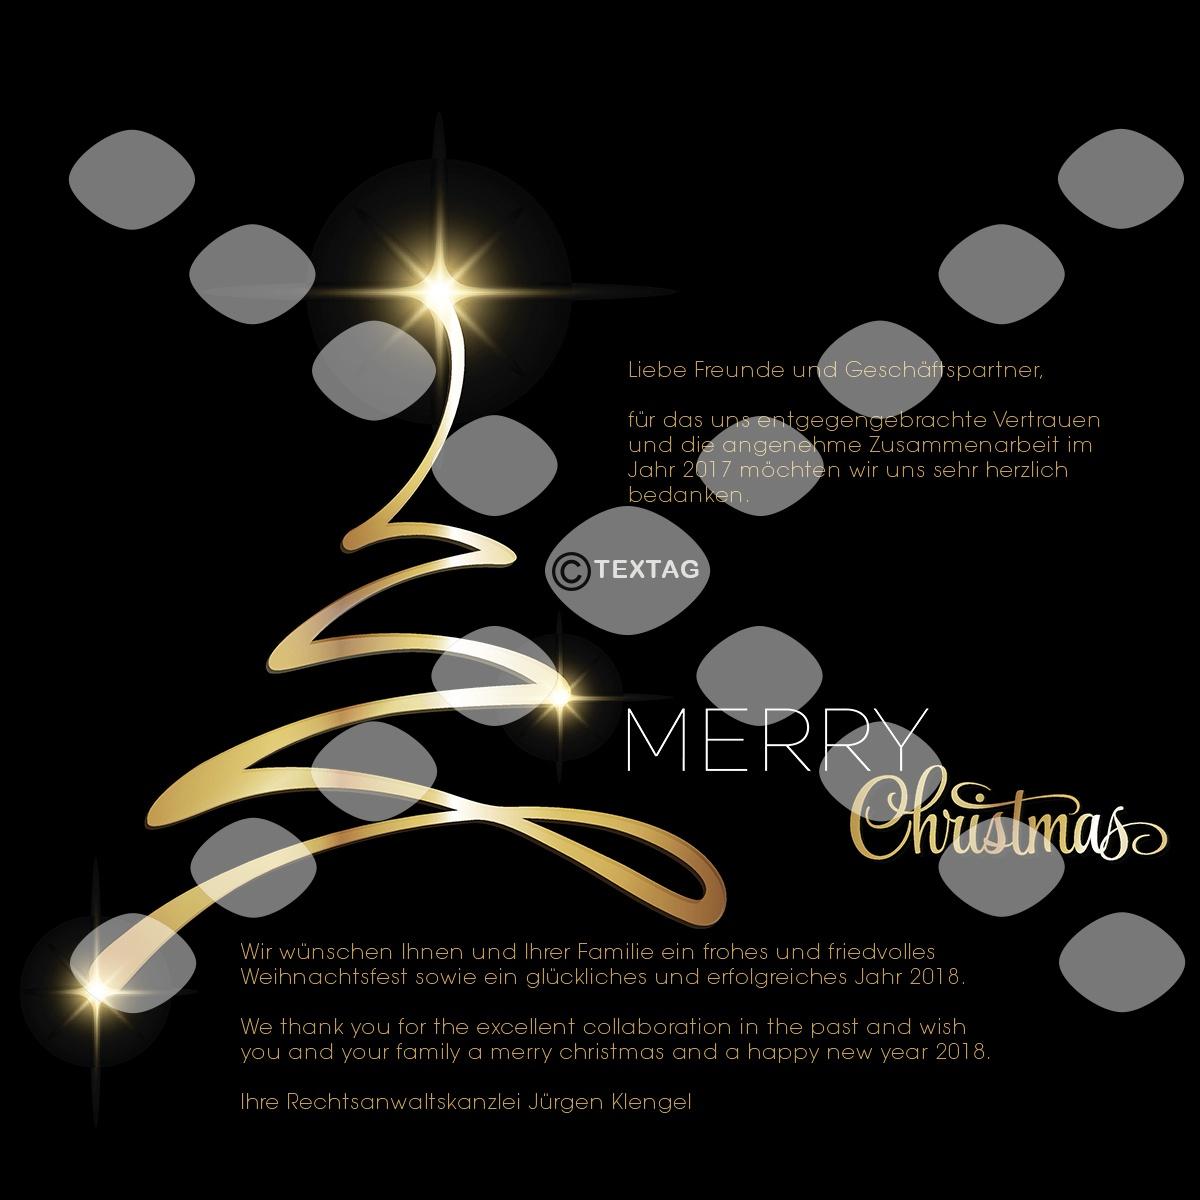 Grafik & Design Referenz: Weihnachts E-Card - Kanzlei Klengel, Frankfurt